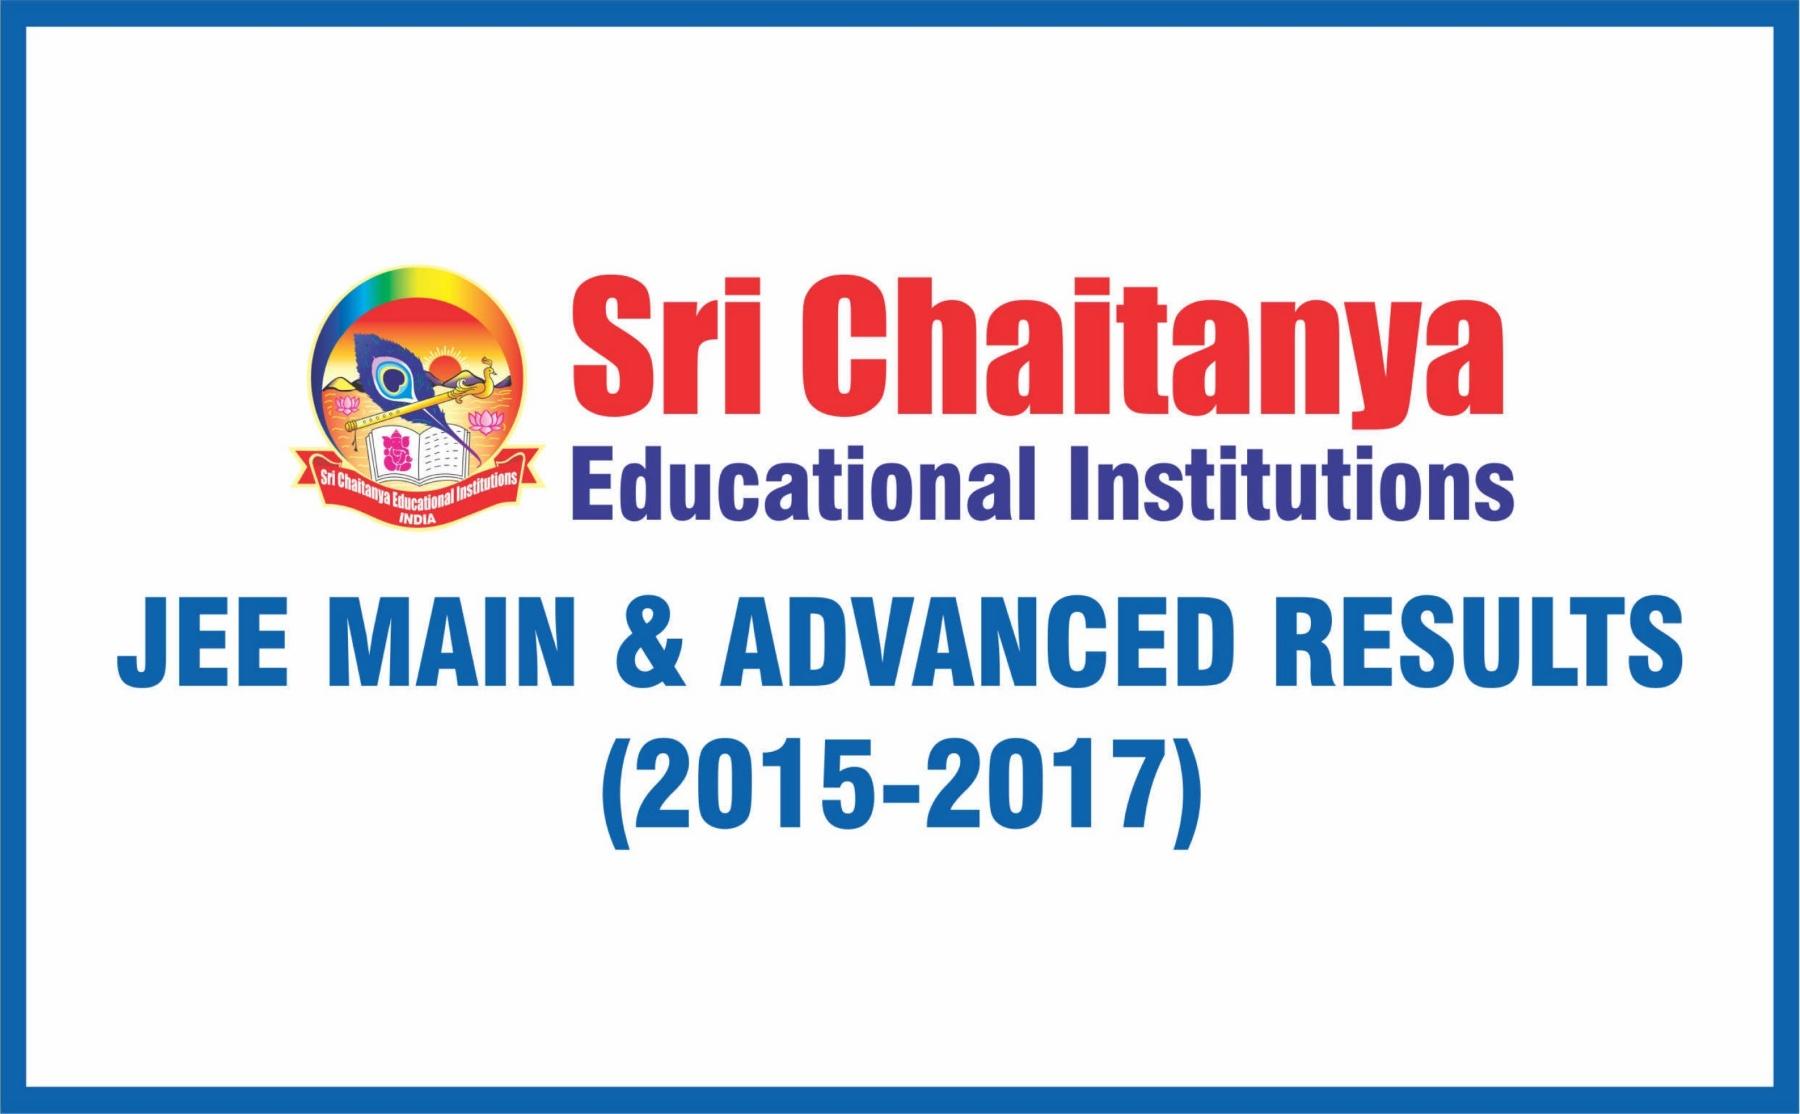 JEE Main & Advanced Results - Sri Chaitanya